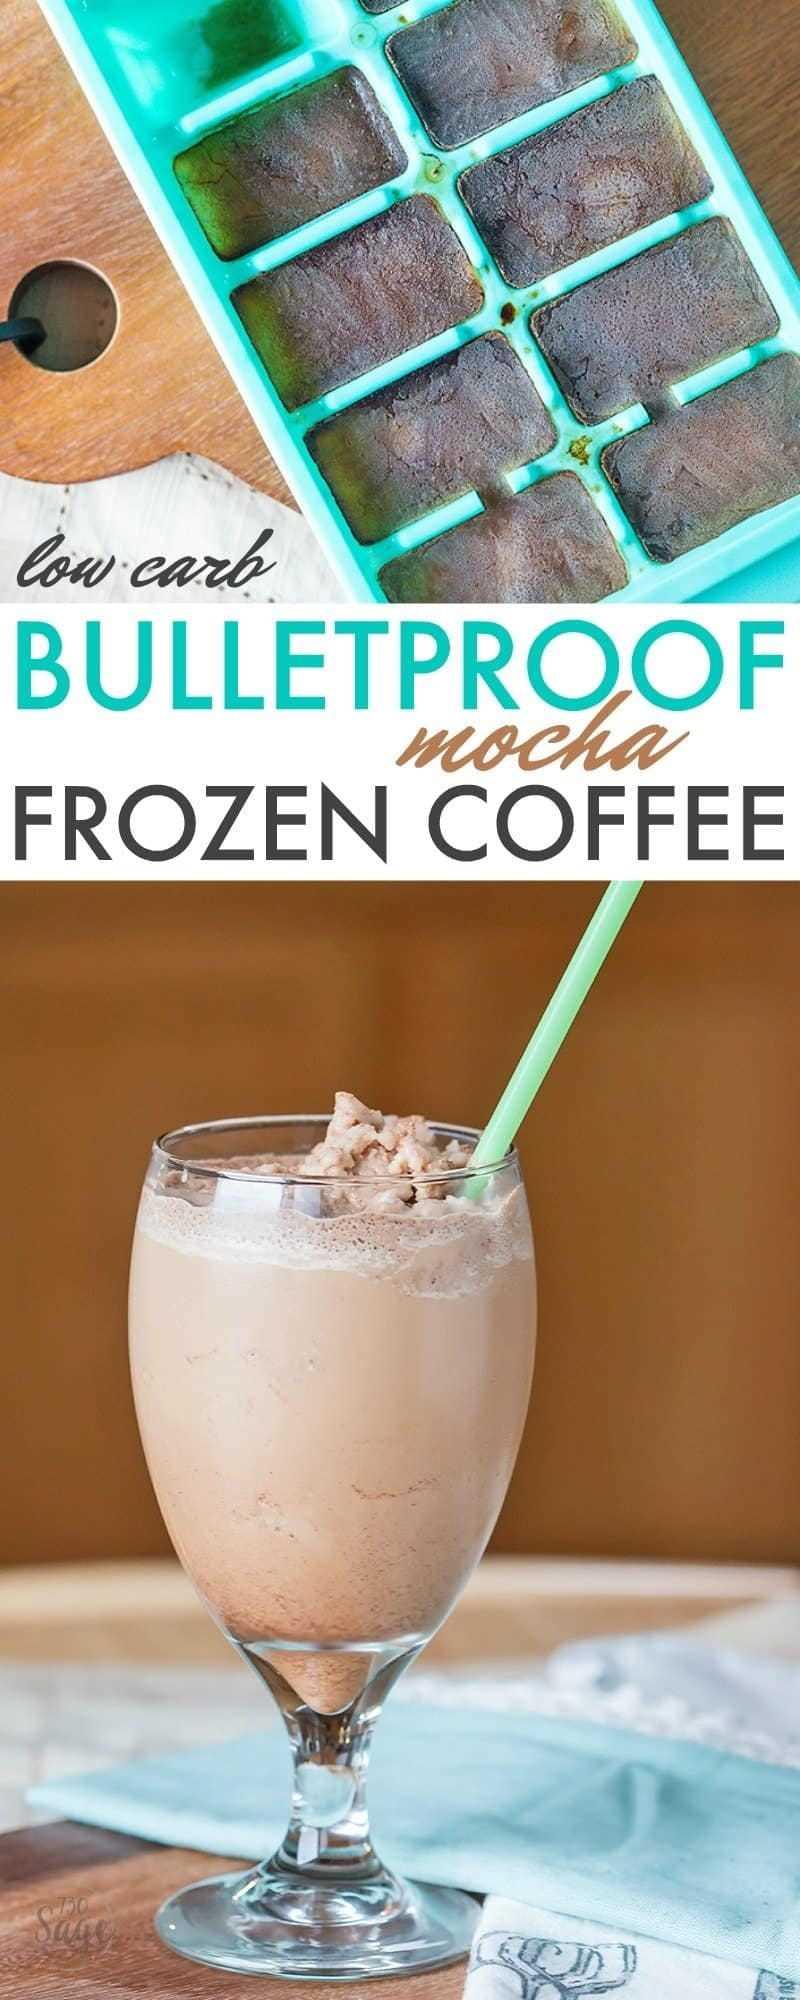 Esta receita de café mocha congelado à prova de balas é perfeita para dietas com pouco carboidrato ou ceto. Também desfrute de sorvete em vez de congelado. Fácil e delicioso!